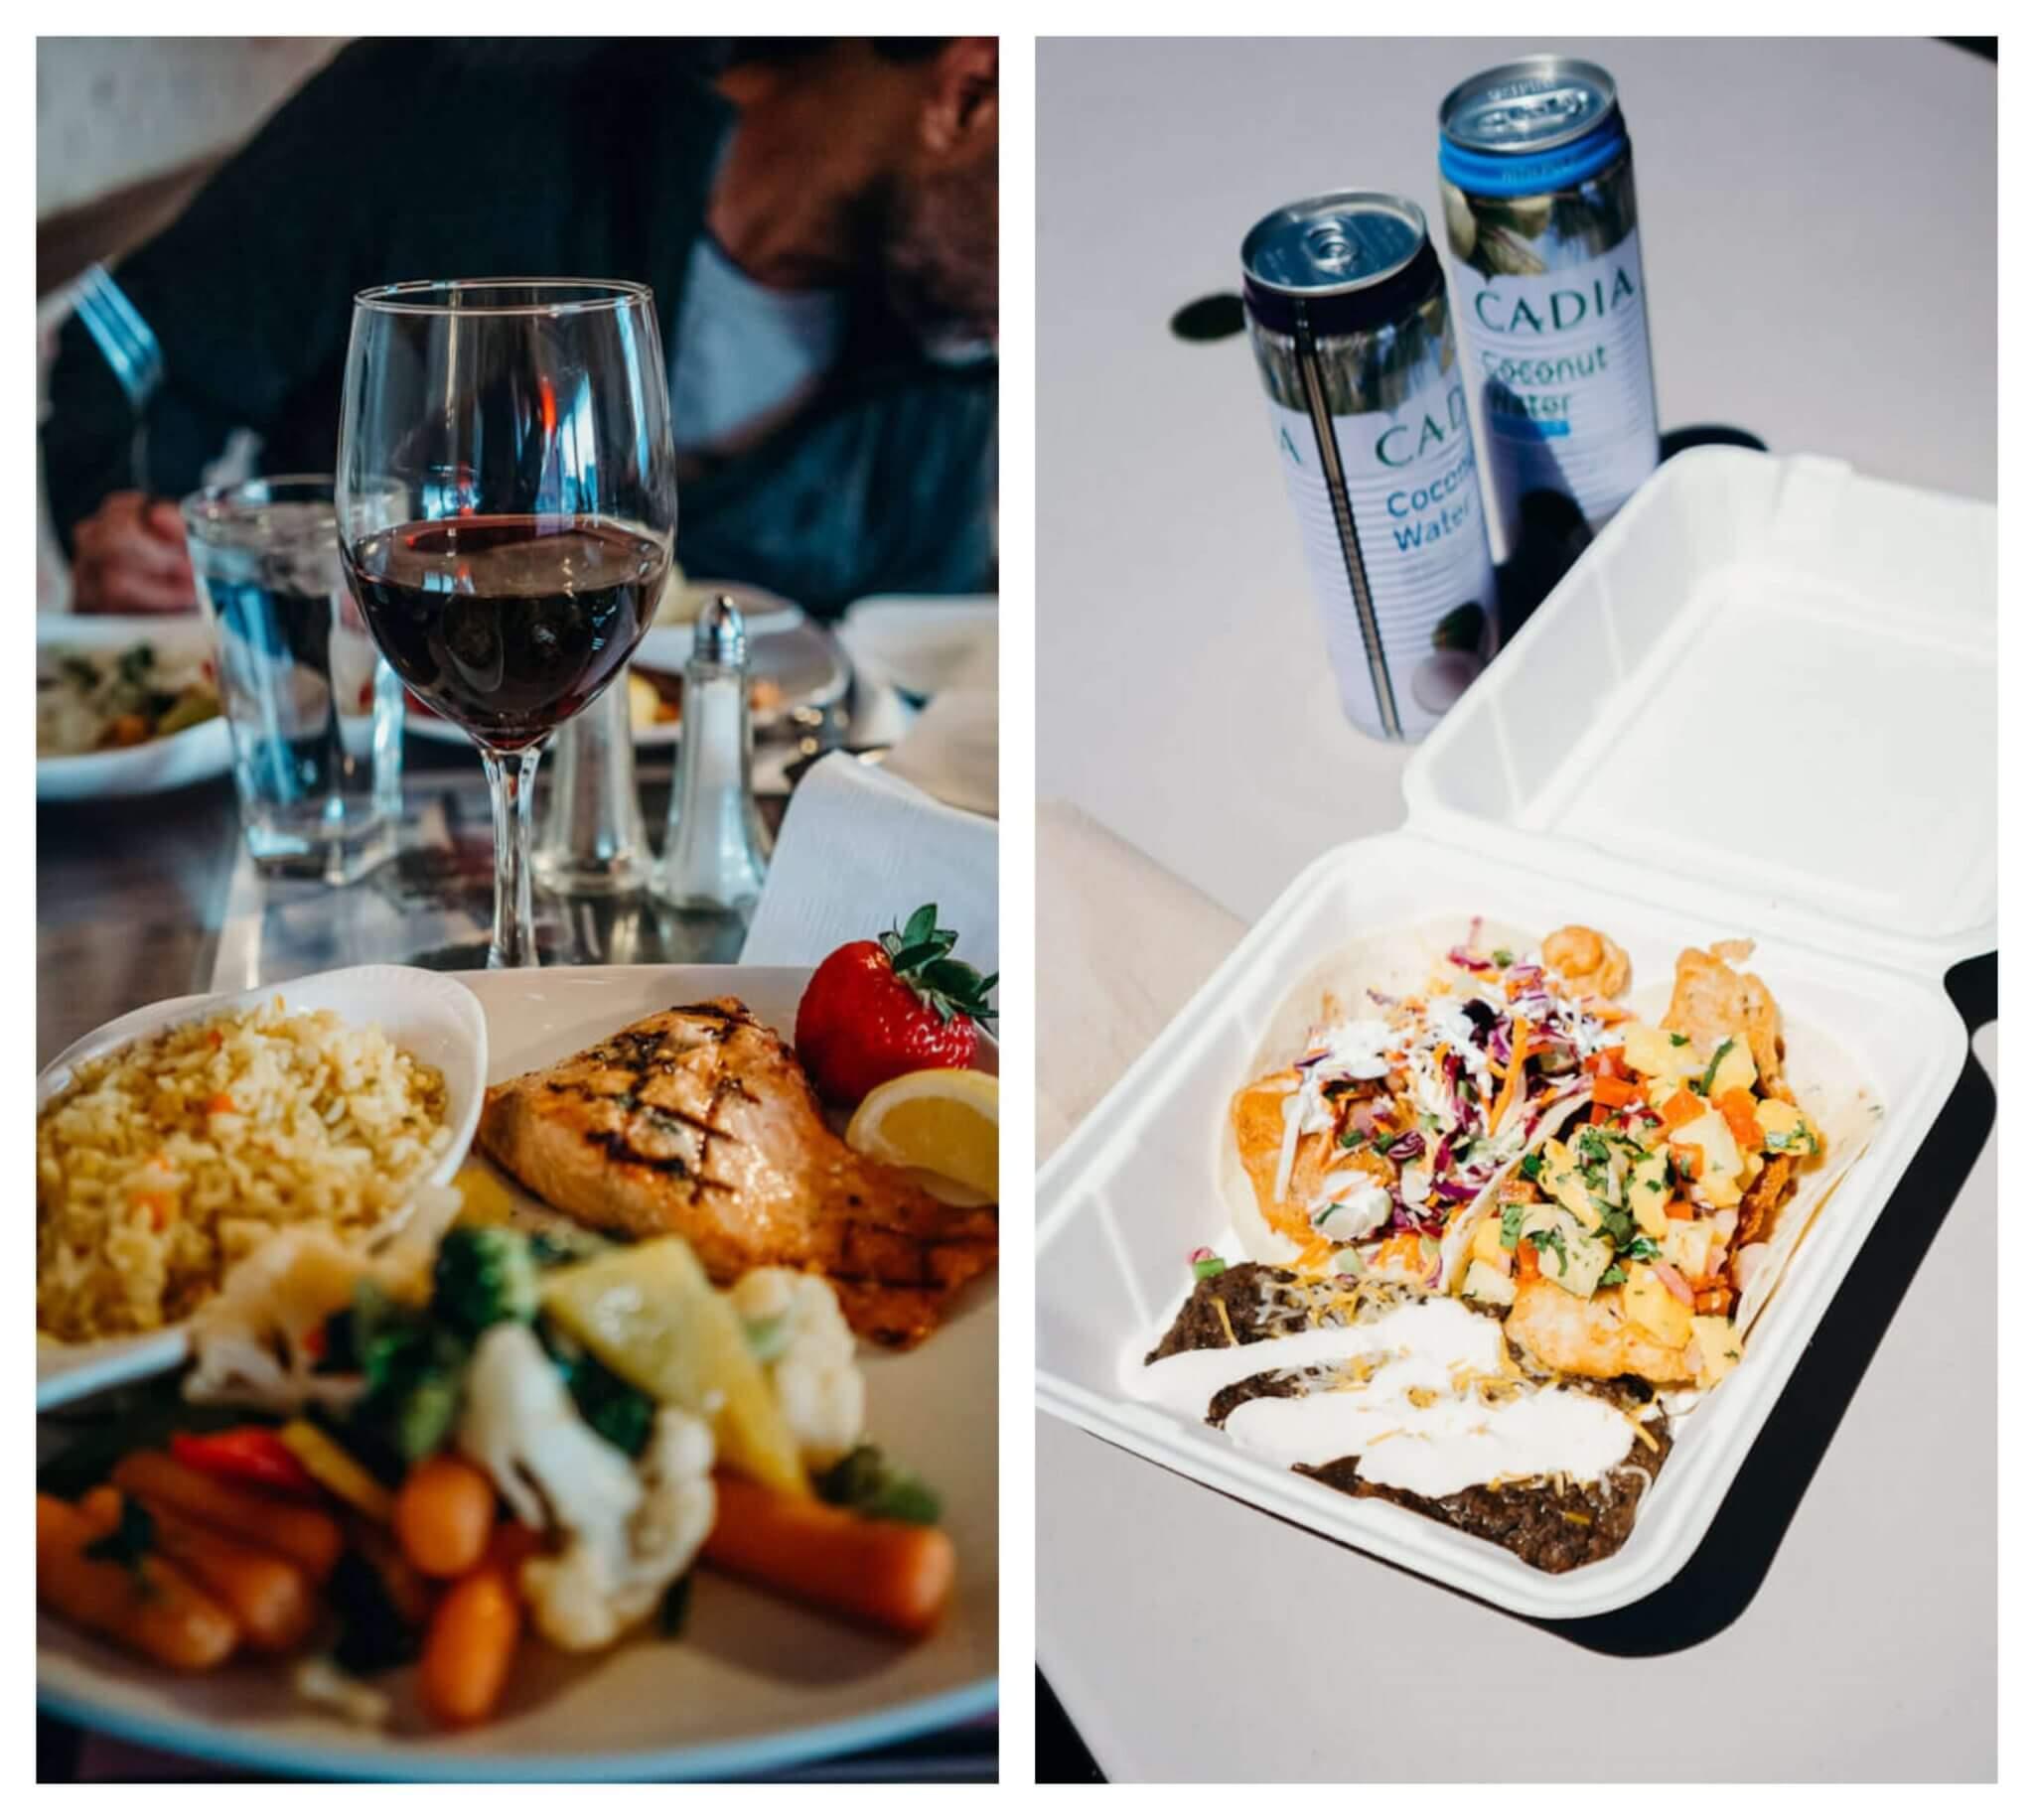 June lake restaurants, Whoa Nelly deli, Bridgeport Inn dinner